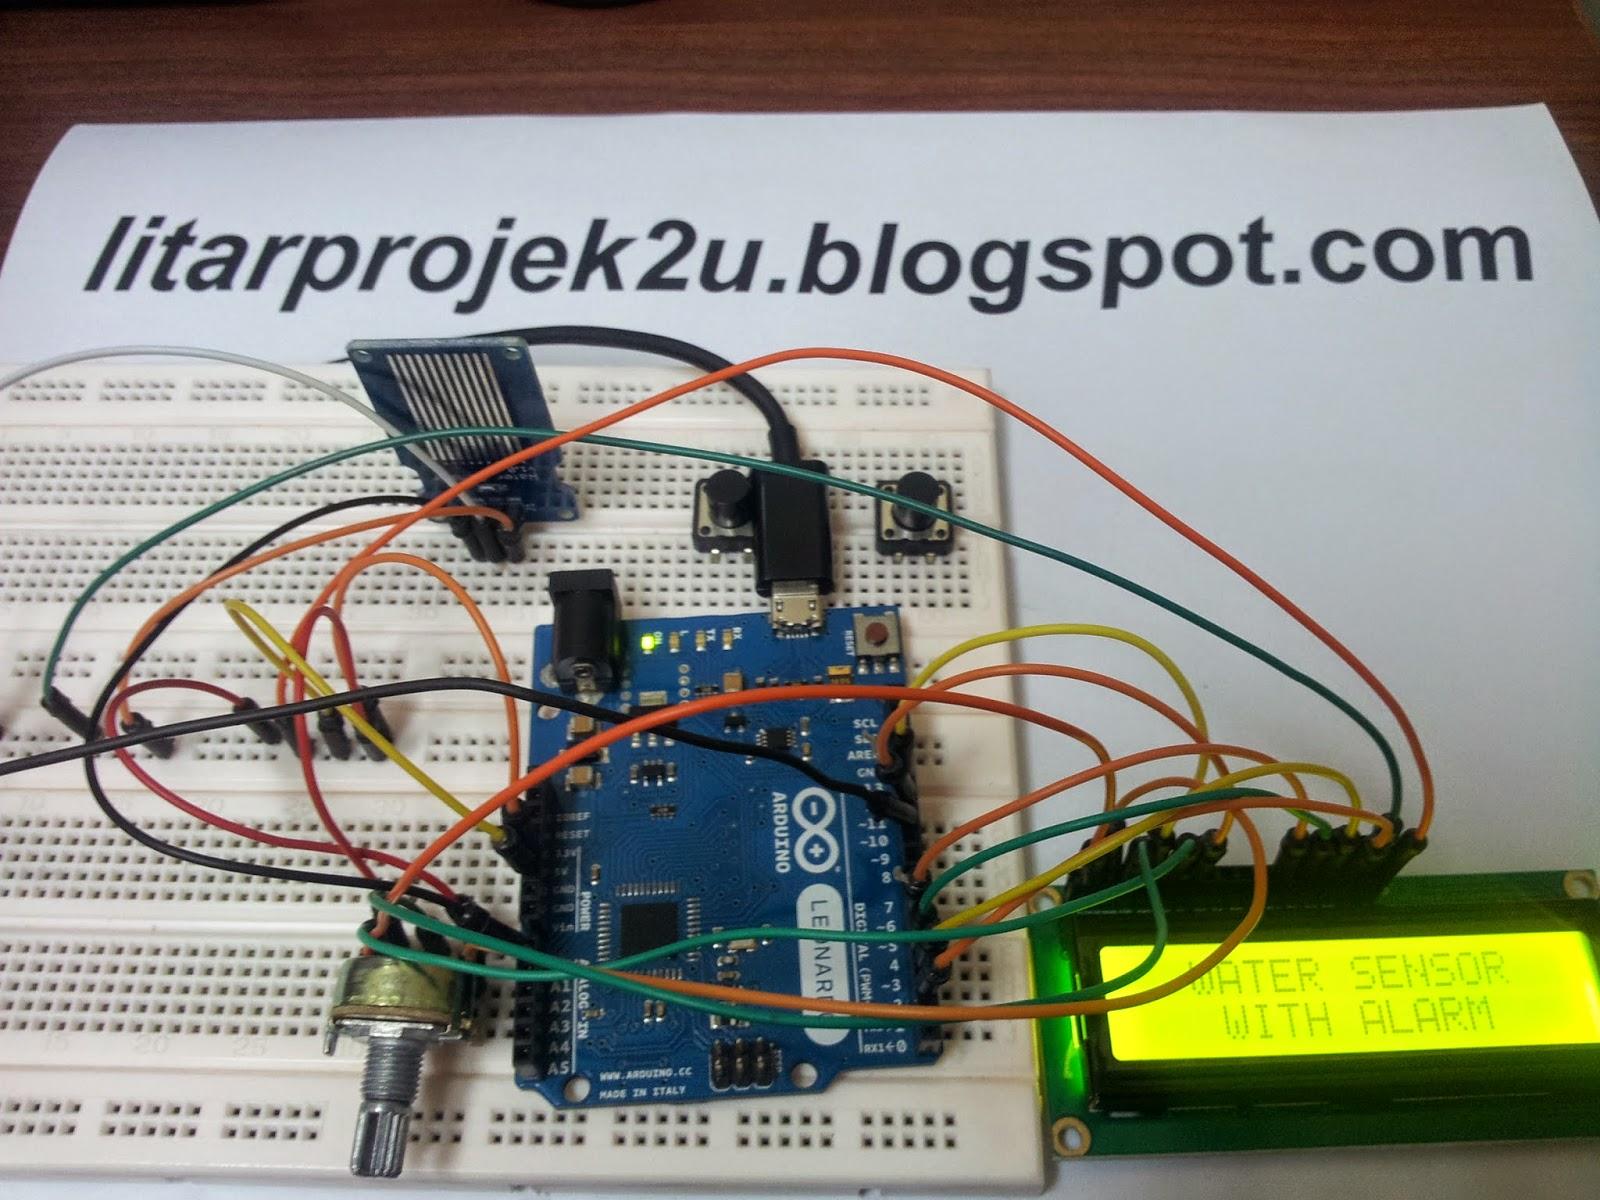 Litarprojek2u 2015 Supply Using Lm7805 Lm7806 Lm7809 Lm7812 Ics Circuit Diagram Kami Mengambil Tempahan Membuat Projek Akhir Anda